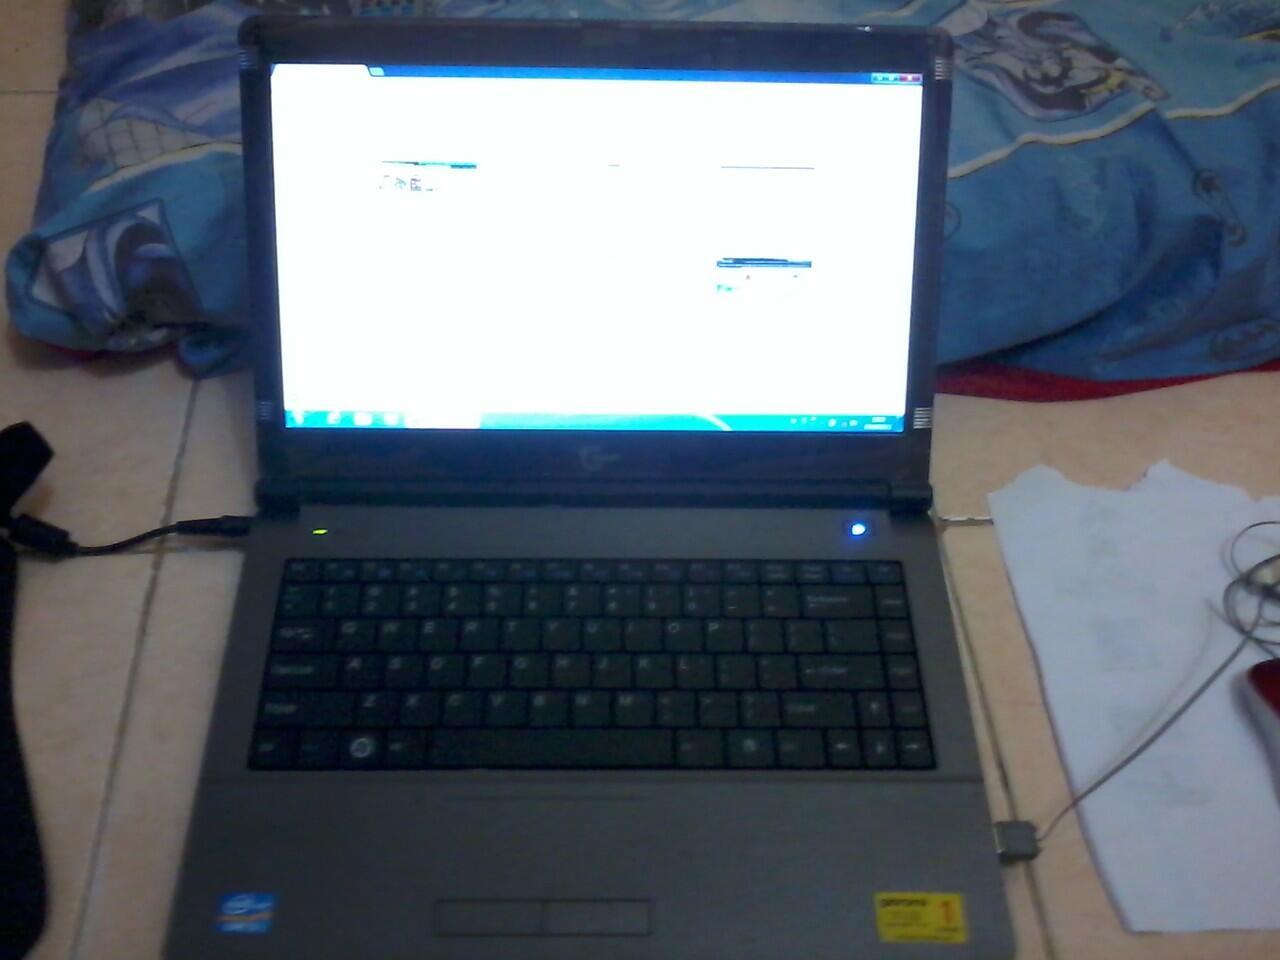 Notebook samsung kaskus - Laptop Notebook Merk Gear